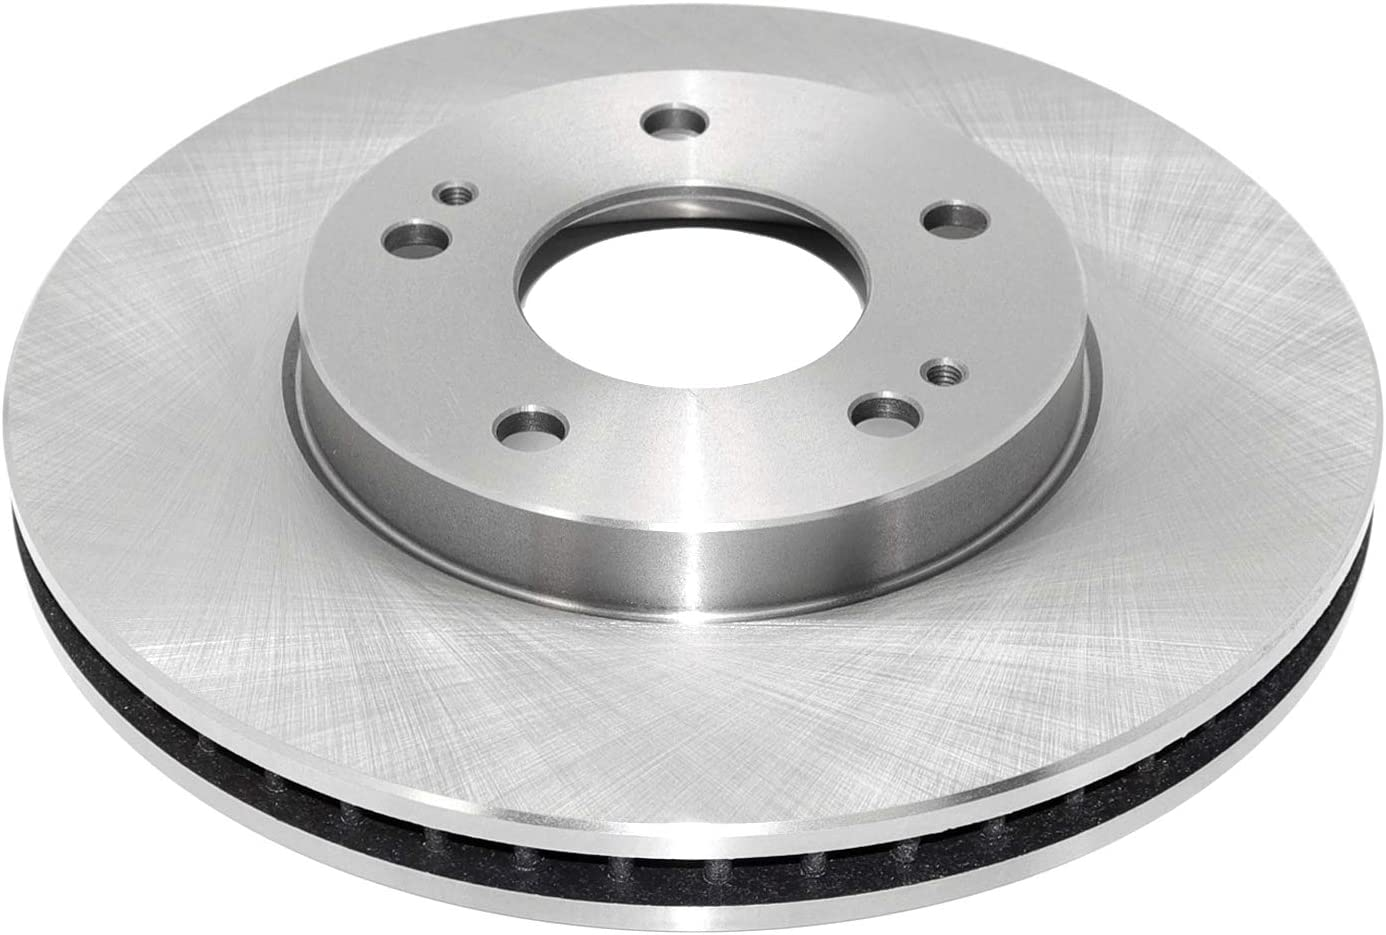 DuraGo BR539902 Front Vented Disc Premium Electrophoretic Brake Rotor